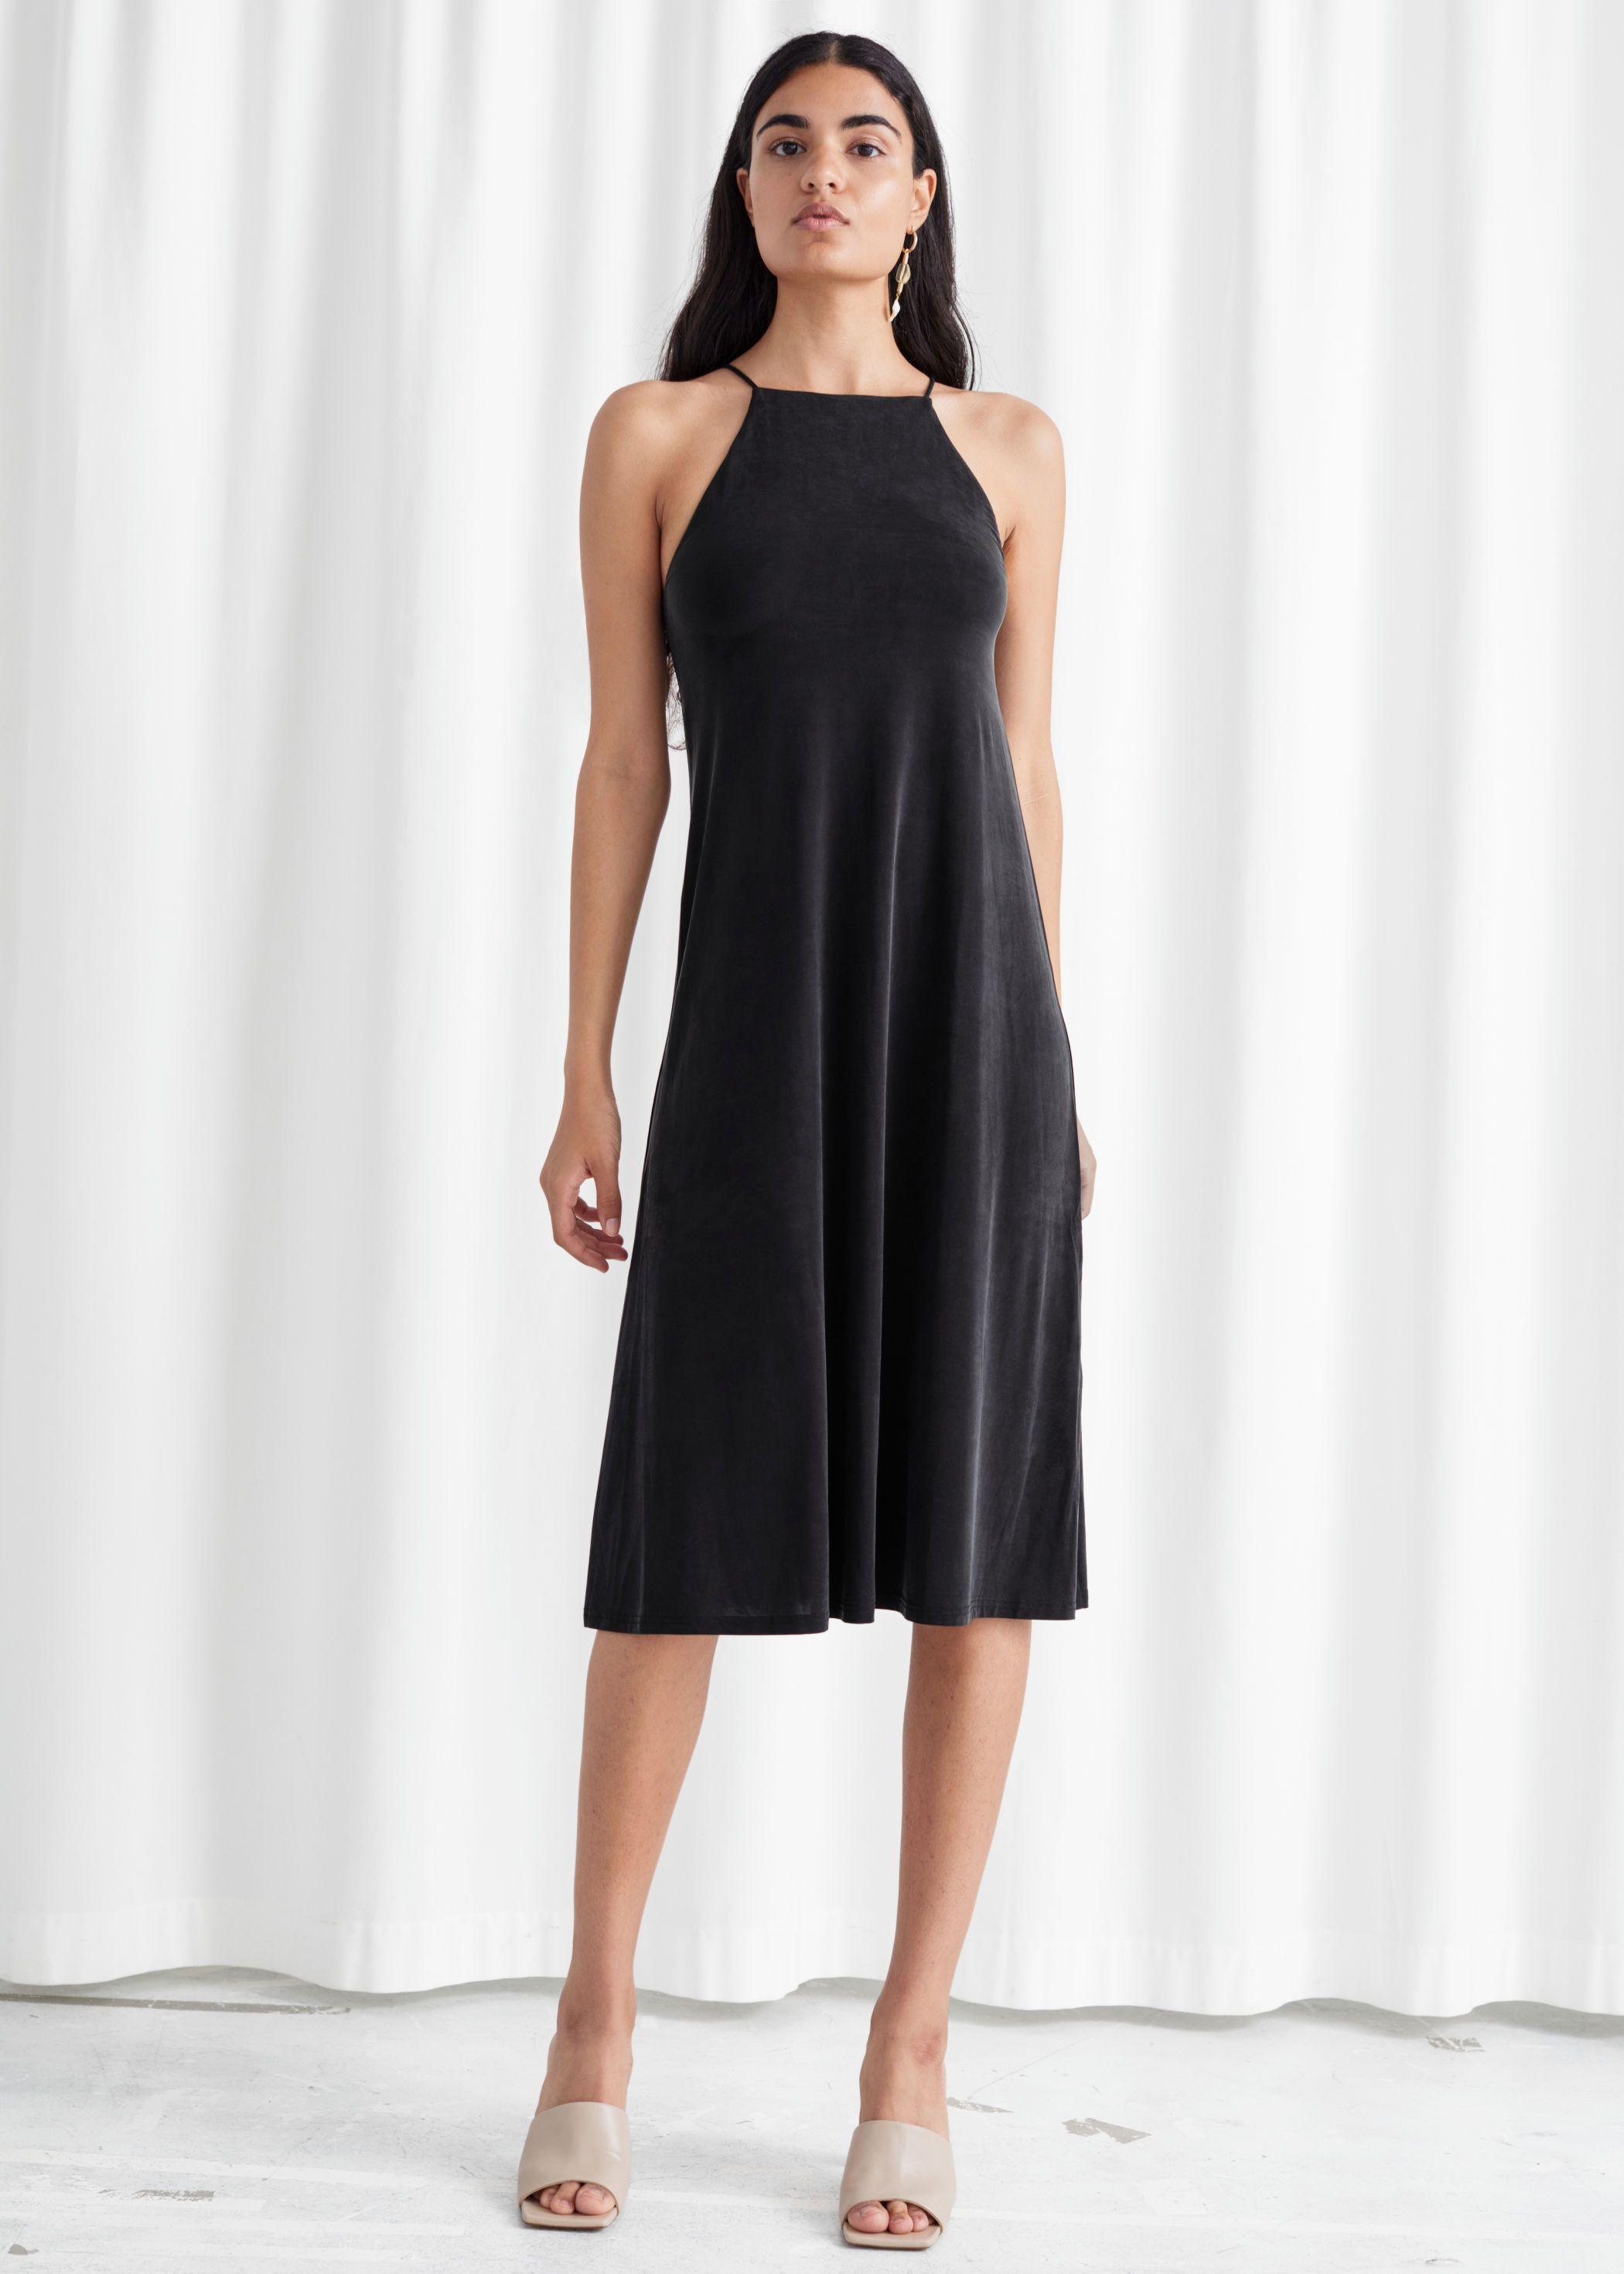 Flowy Square Neck Midi Dress Midi Dress Dresses Black Midi Dress [ 2940 x 2100 Pixel ]